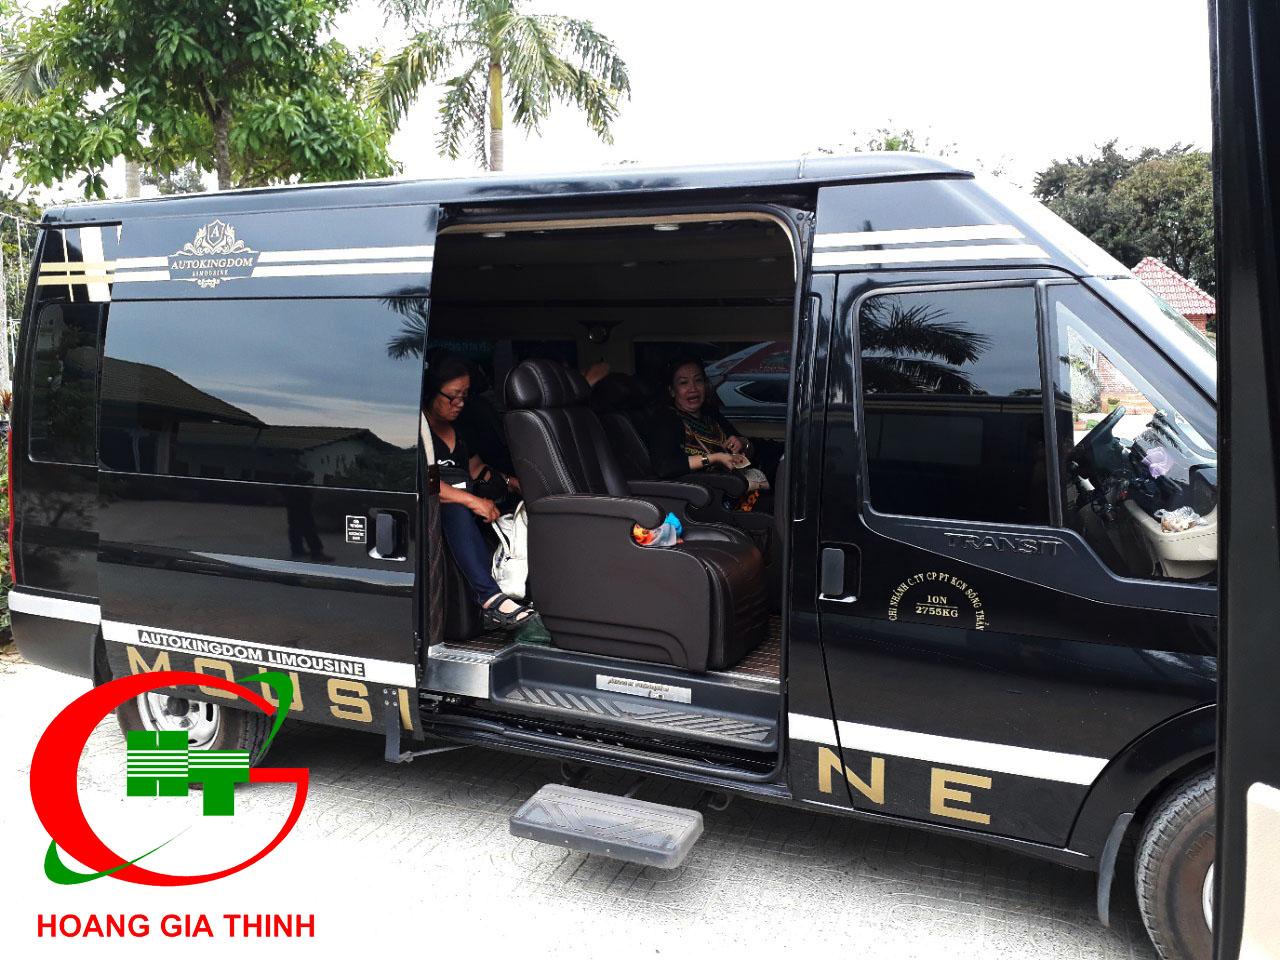 """Thuê Xe Limousine Đang Là Xu Hướng Được """"giới nhà giàu"""" Tại Sài Gòn"""